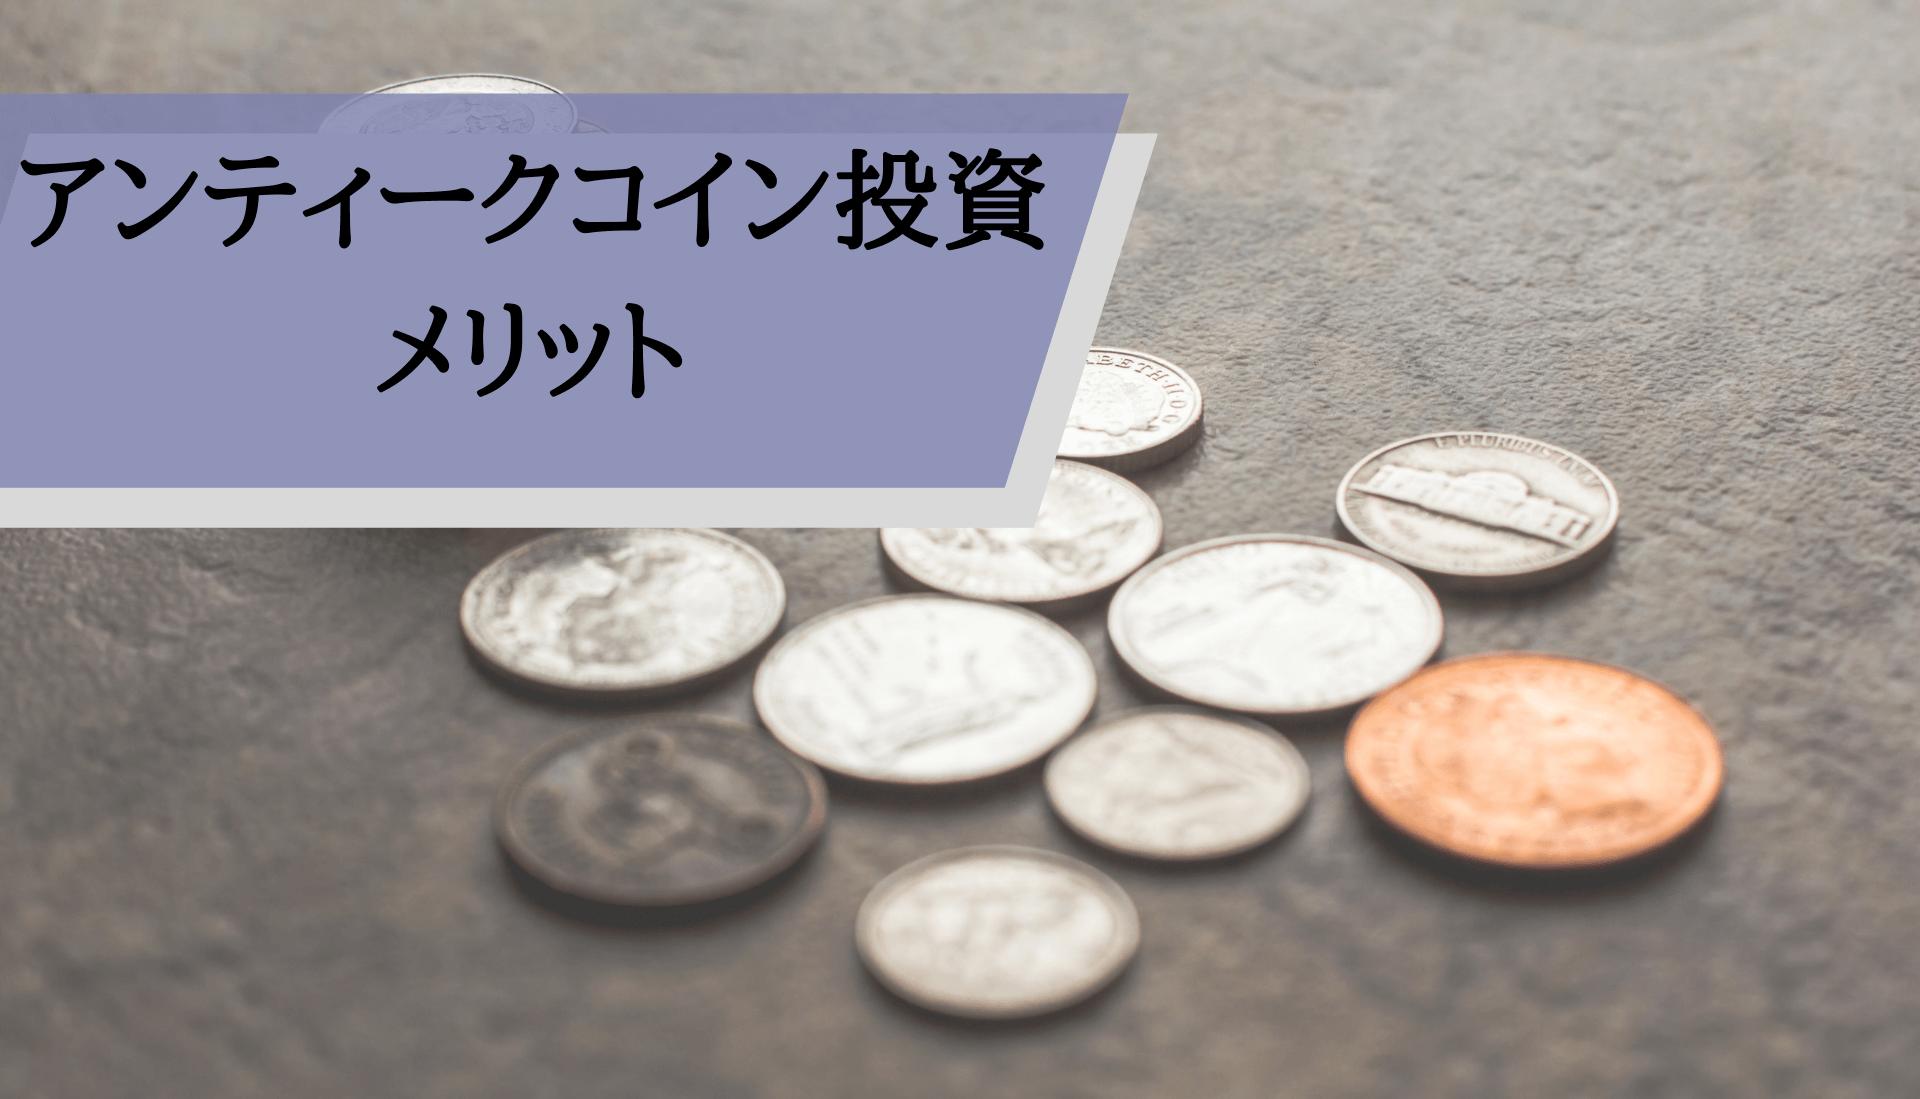 1アンティークコイン投資_メリット